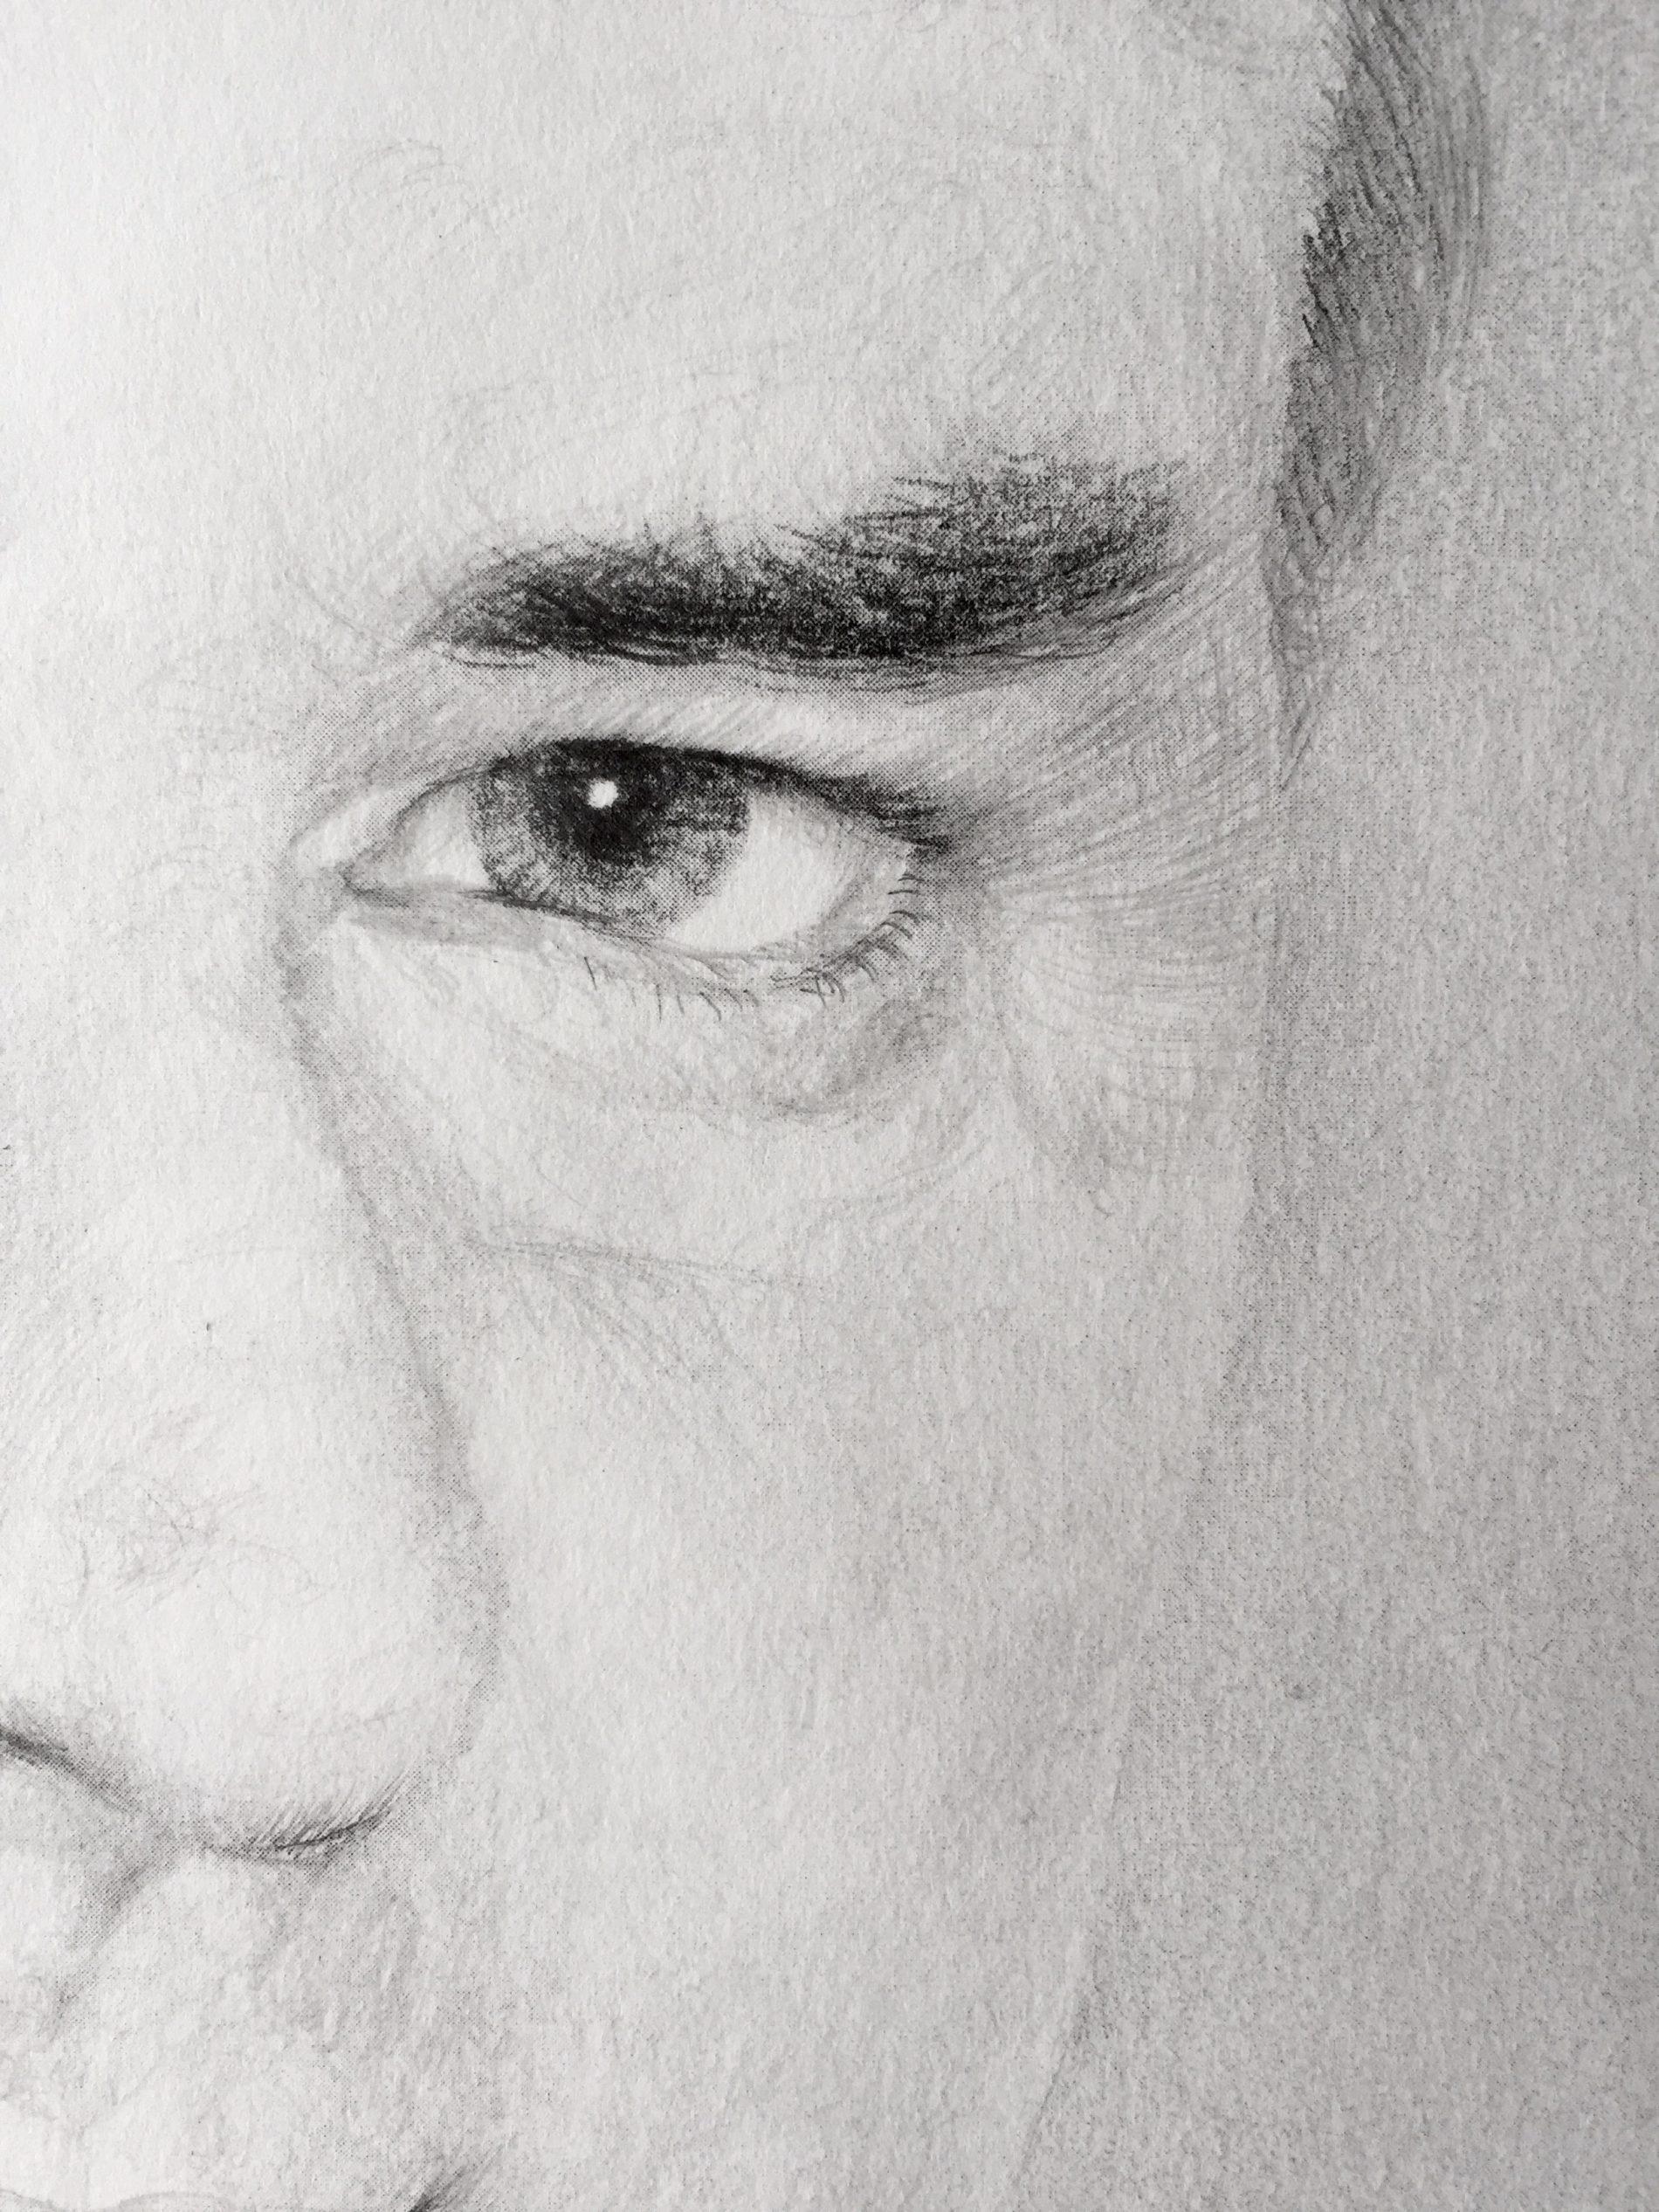 retratos-por-encargo-48-detalle-e1488877677702